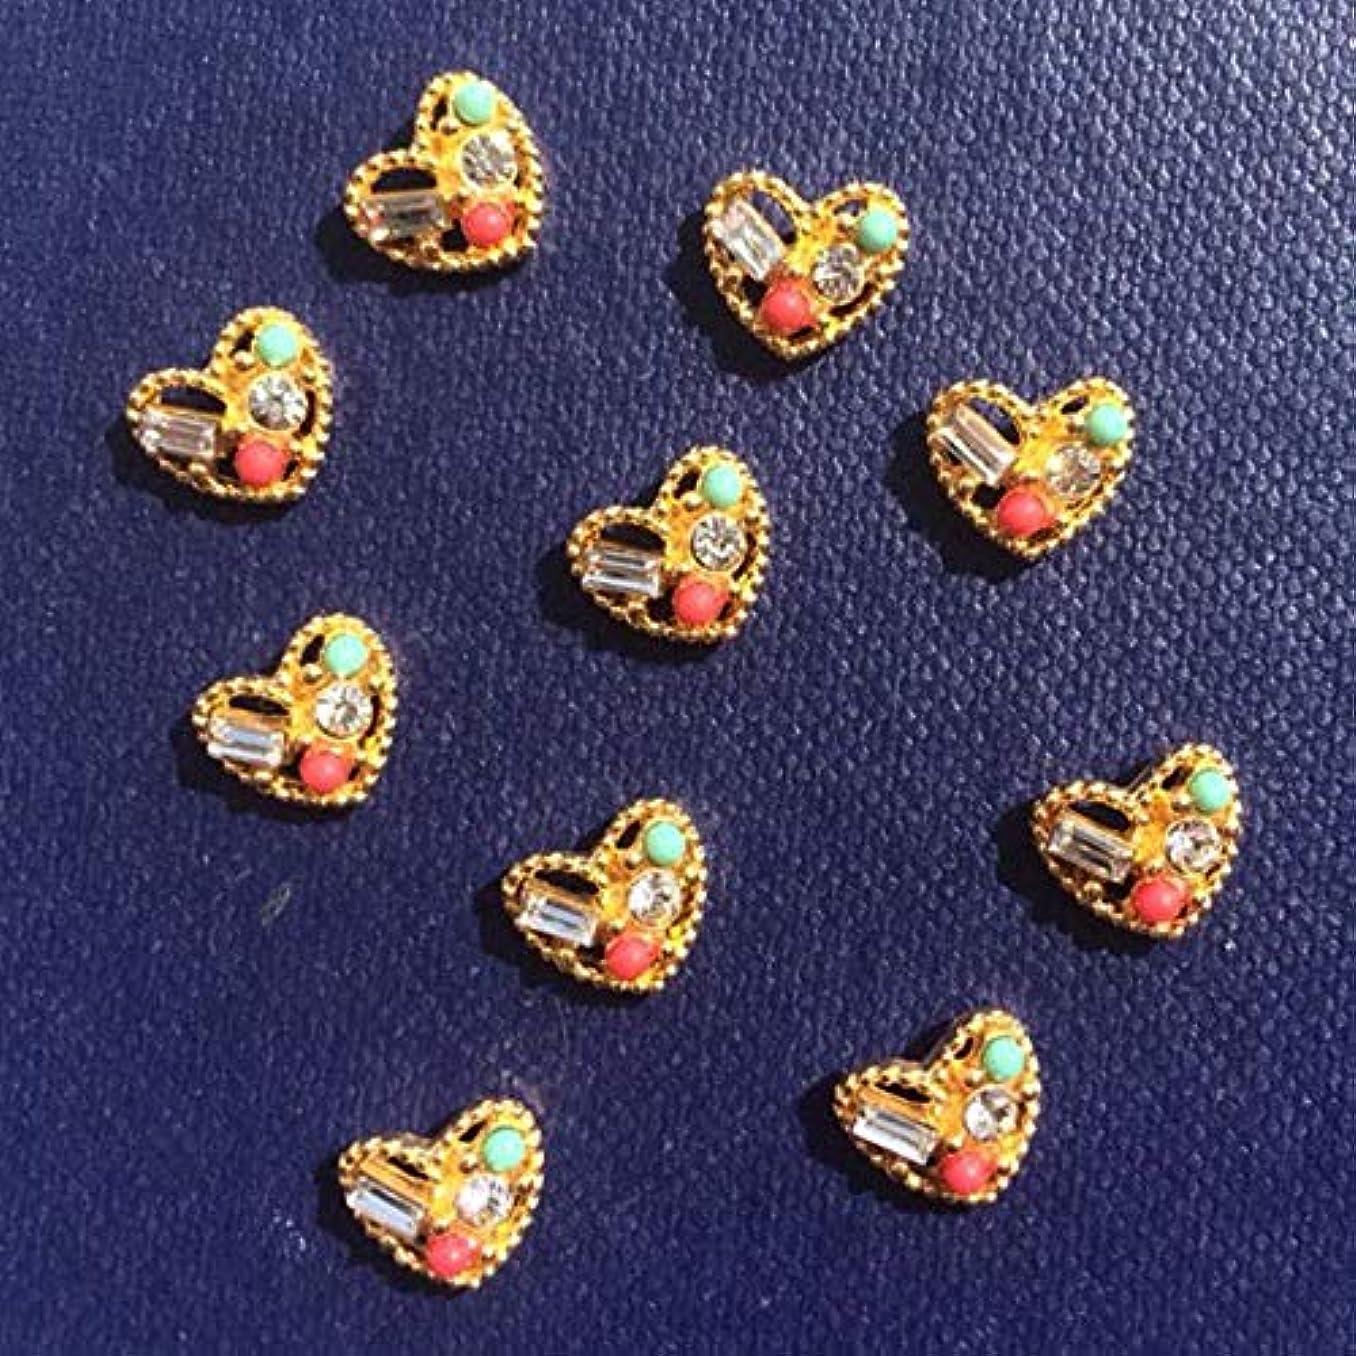 オーストラリアアレルギーなめる10個入り/ロットクリアクリスタルラインストーンゴールド合金のラブハートのデザインの3Dラインストーンネイルアートの装飾